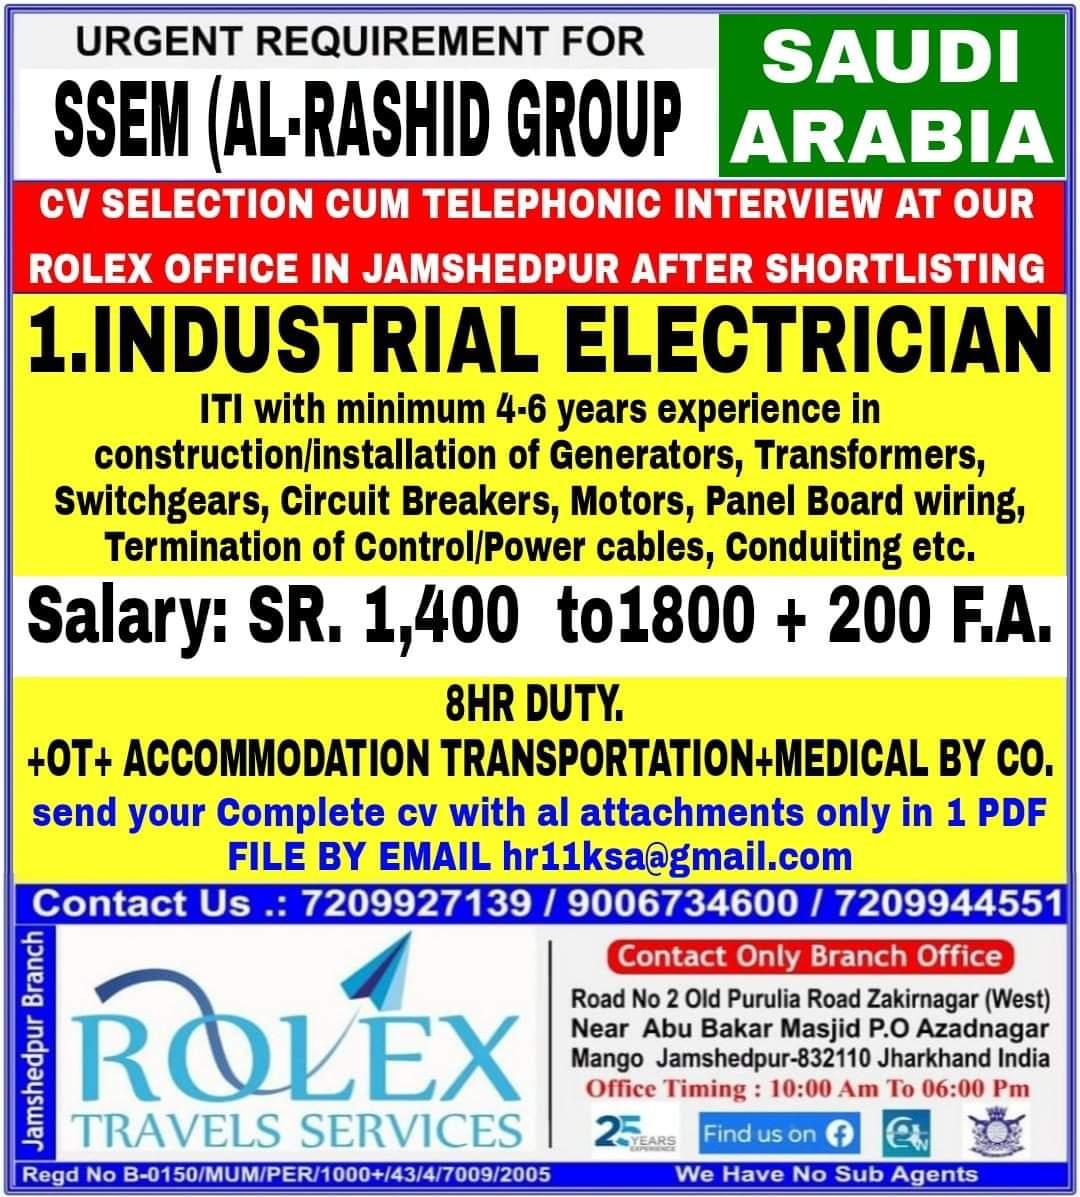 WALK IN INTERVIEWS AT JAMSHEDPUR FOR SAUDI ARABIA